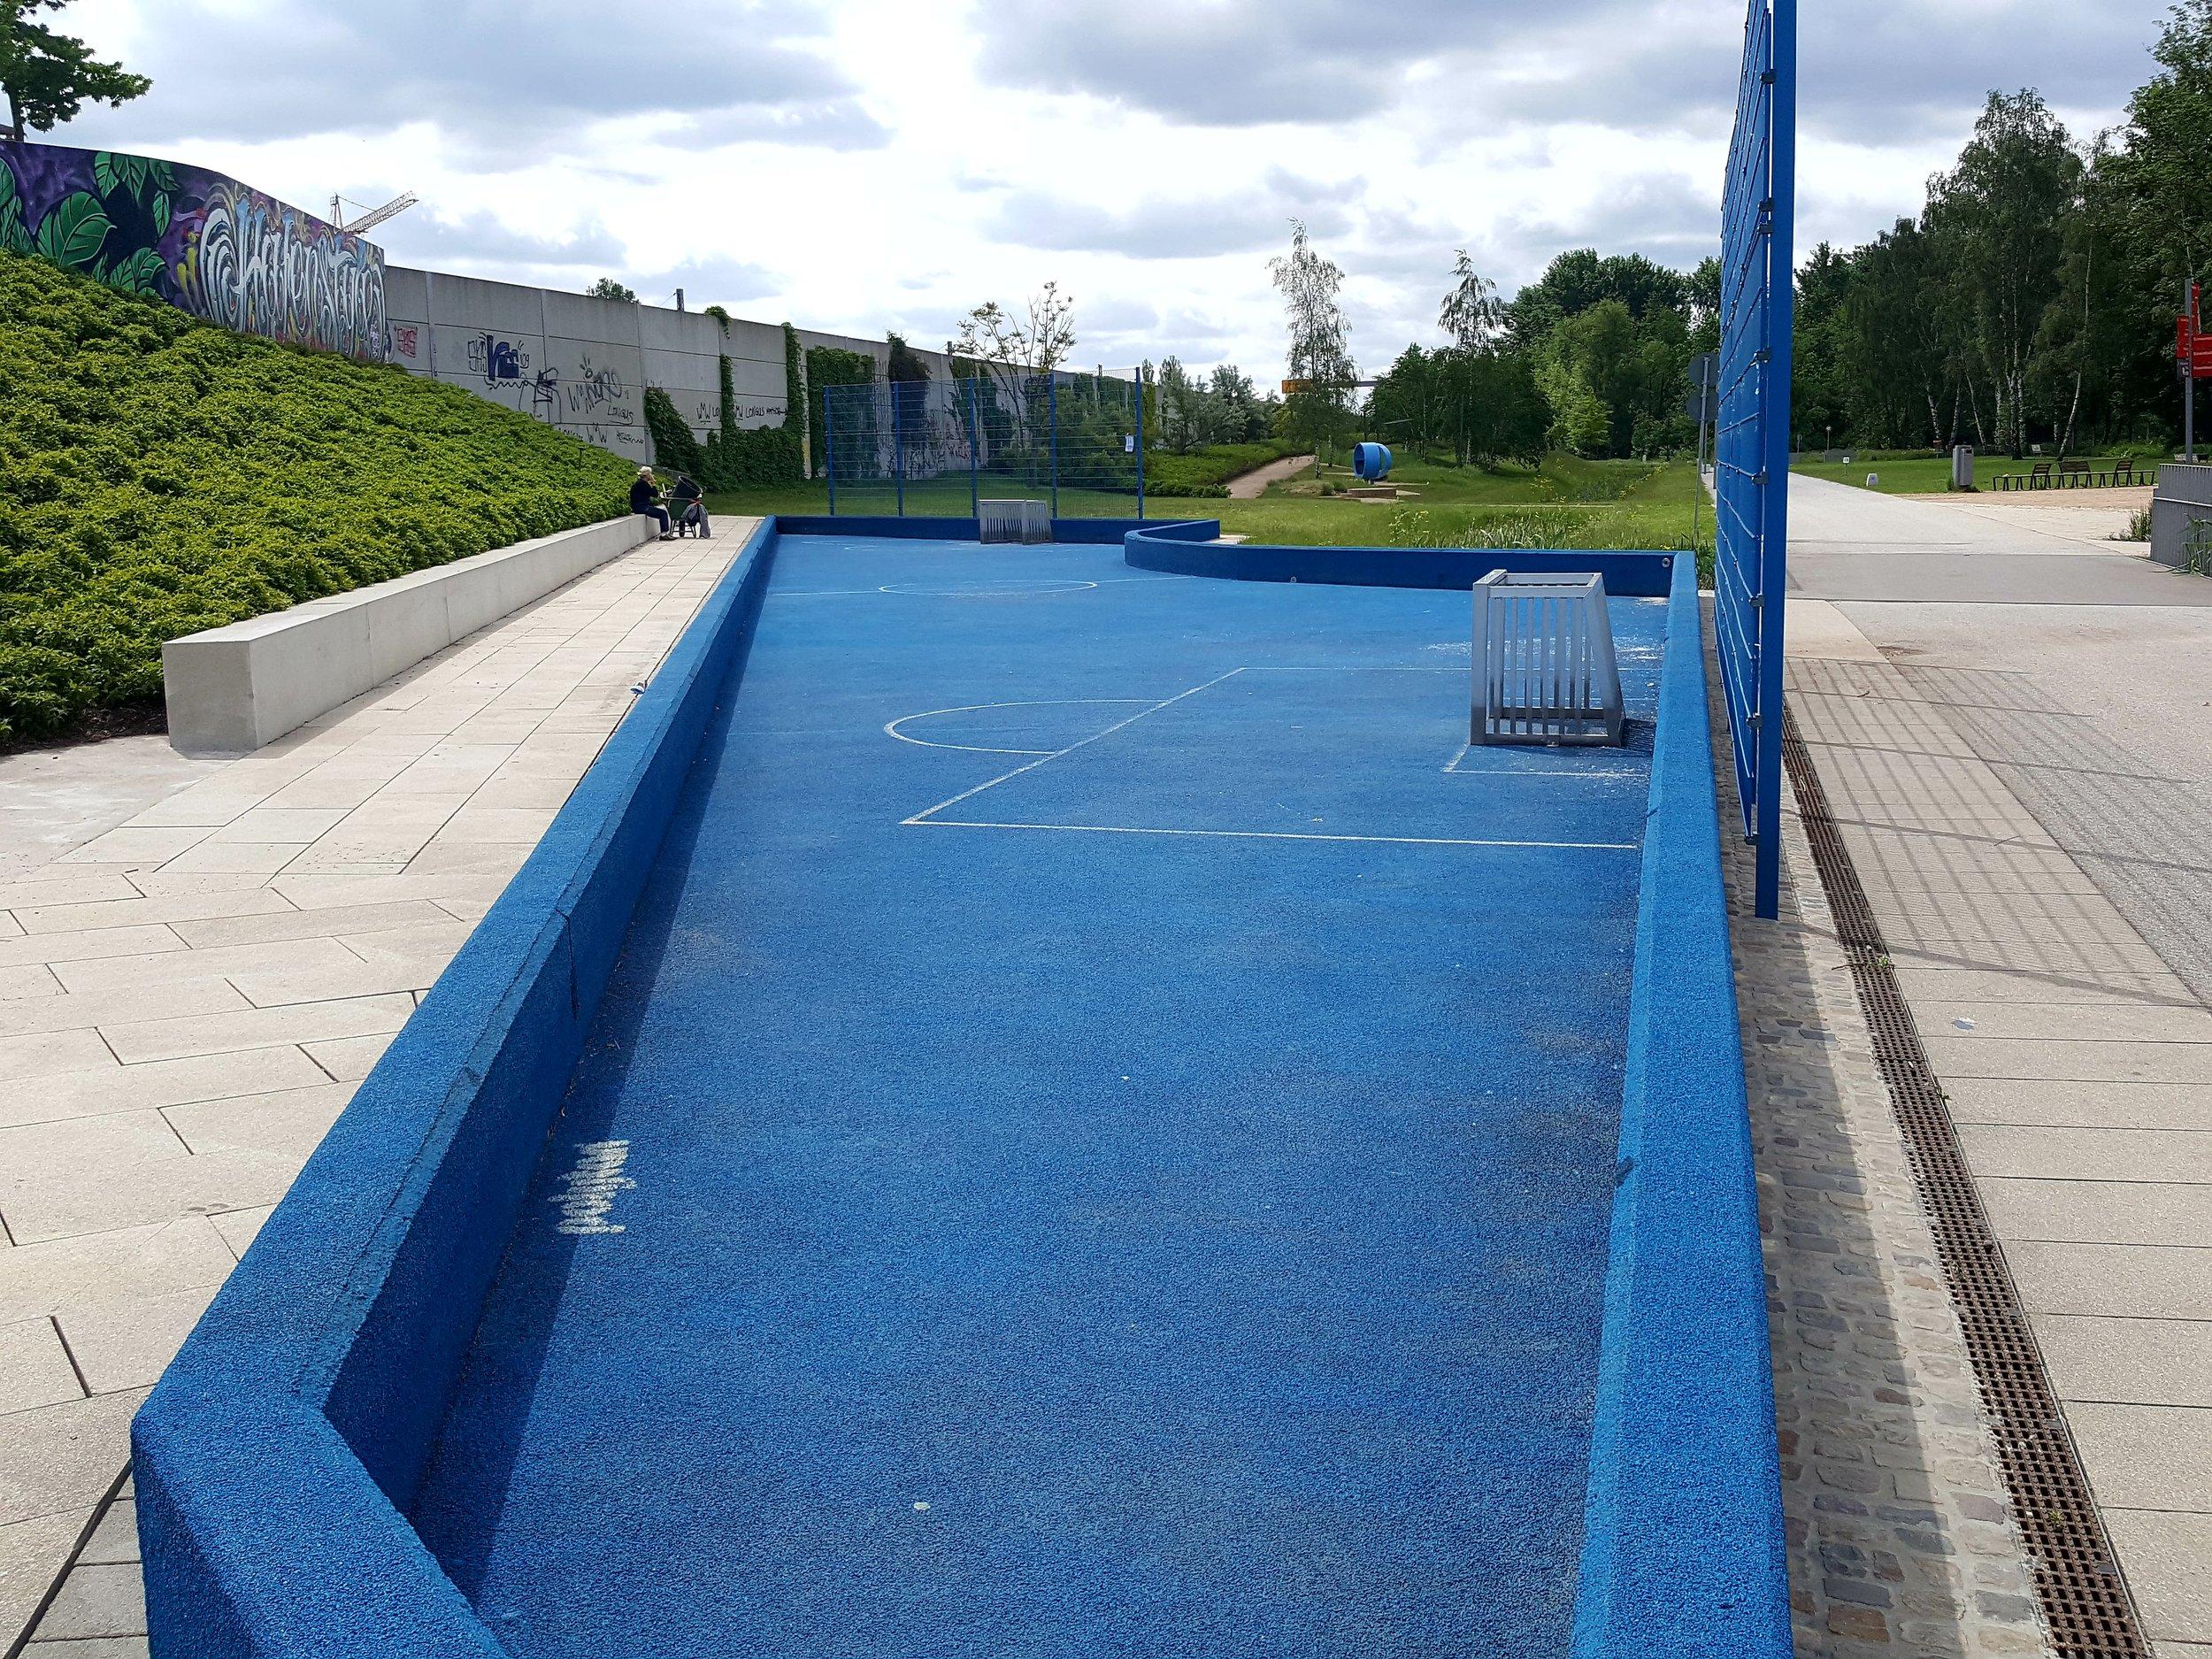 Ikke alle tyske idrætsmiljøer er firkantede. I Welt der Bewegung fyldes den skæve fodboldbane tilmed med vand i ankelhøjde om sommeren.  Foto. Henrik H. Brandt